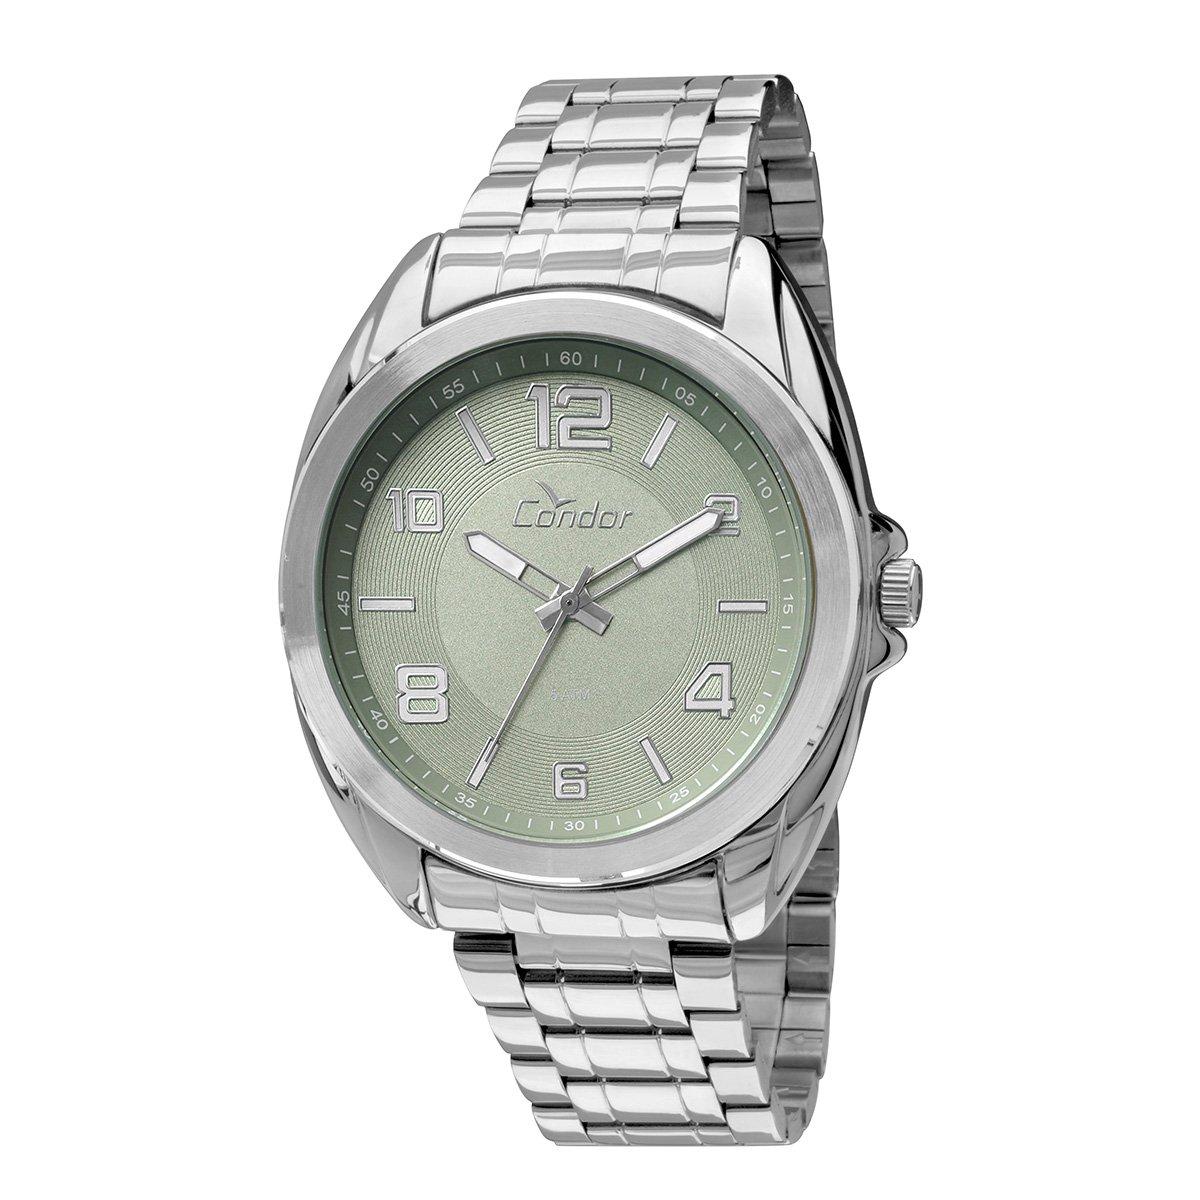 b4a8fc6e349 Relógios e Acessórios Condor em Oferta